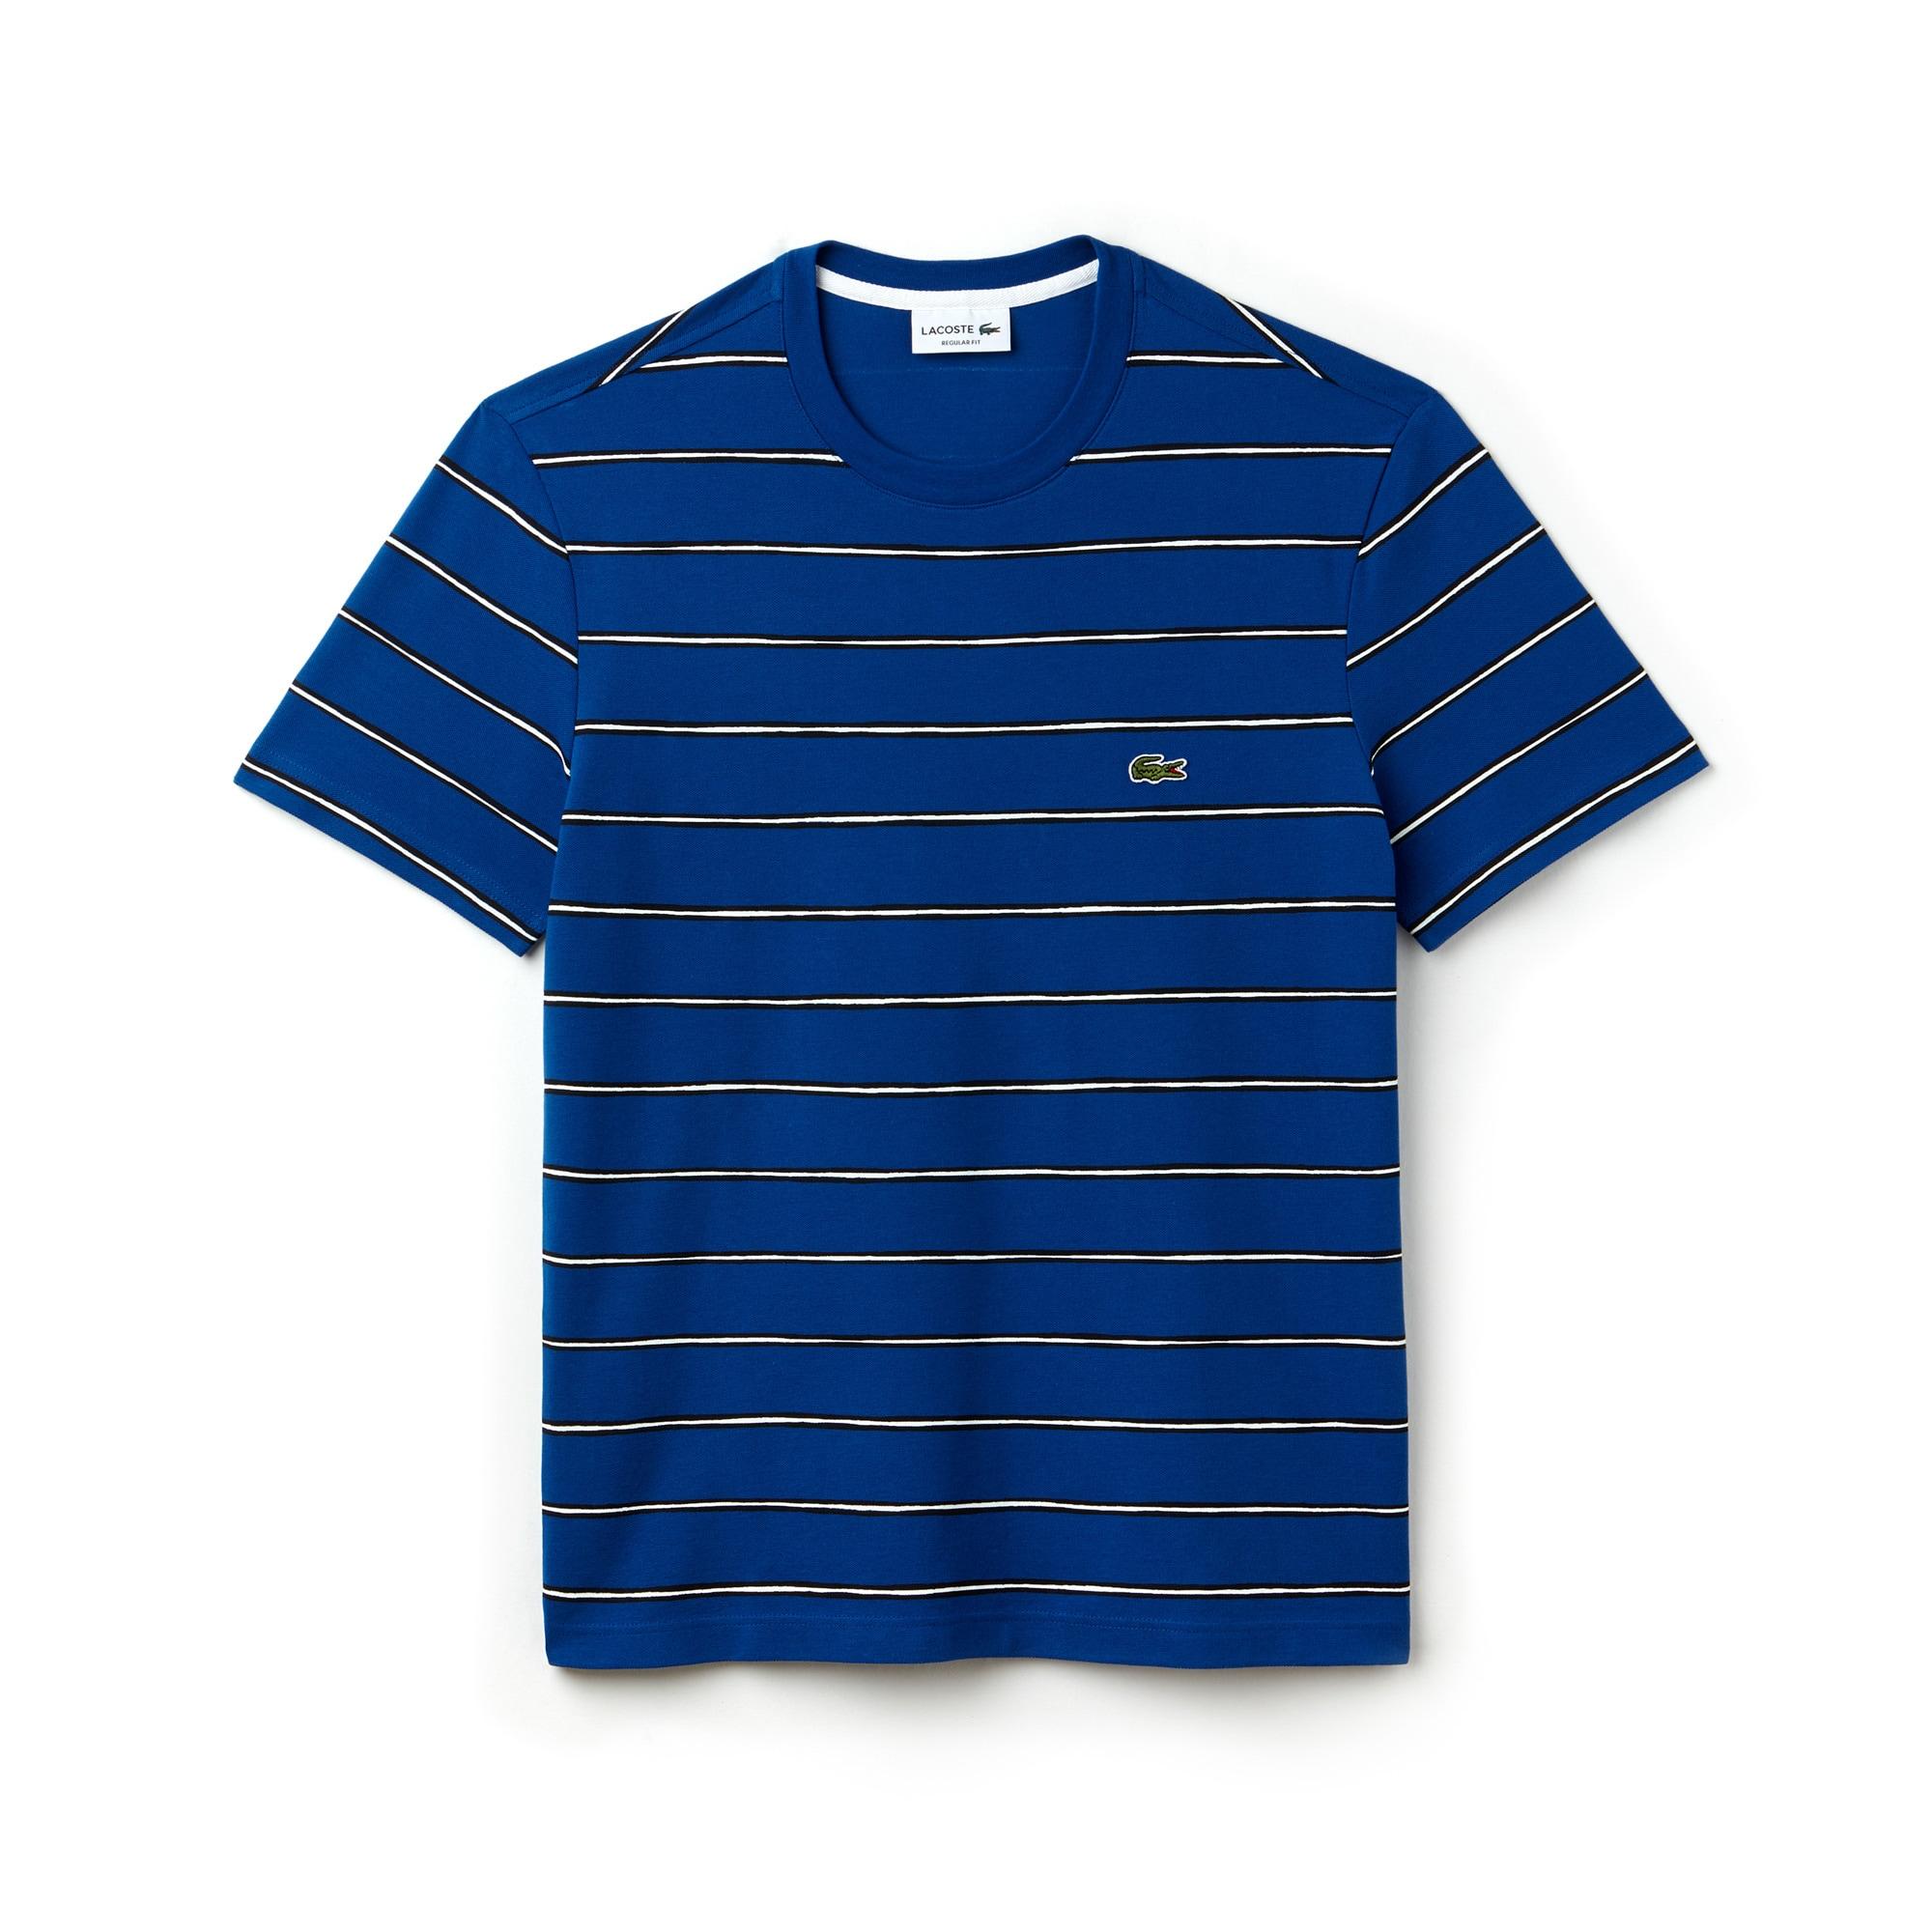 Camiseta De Cuello Redondo De Mini Piqué De Algodón Con Estampado De Rayas